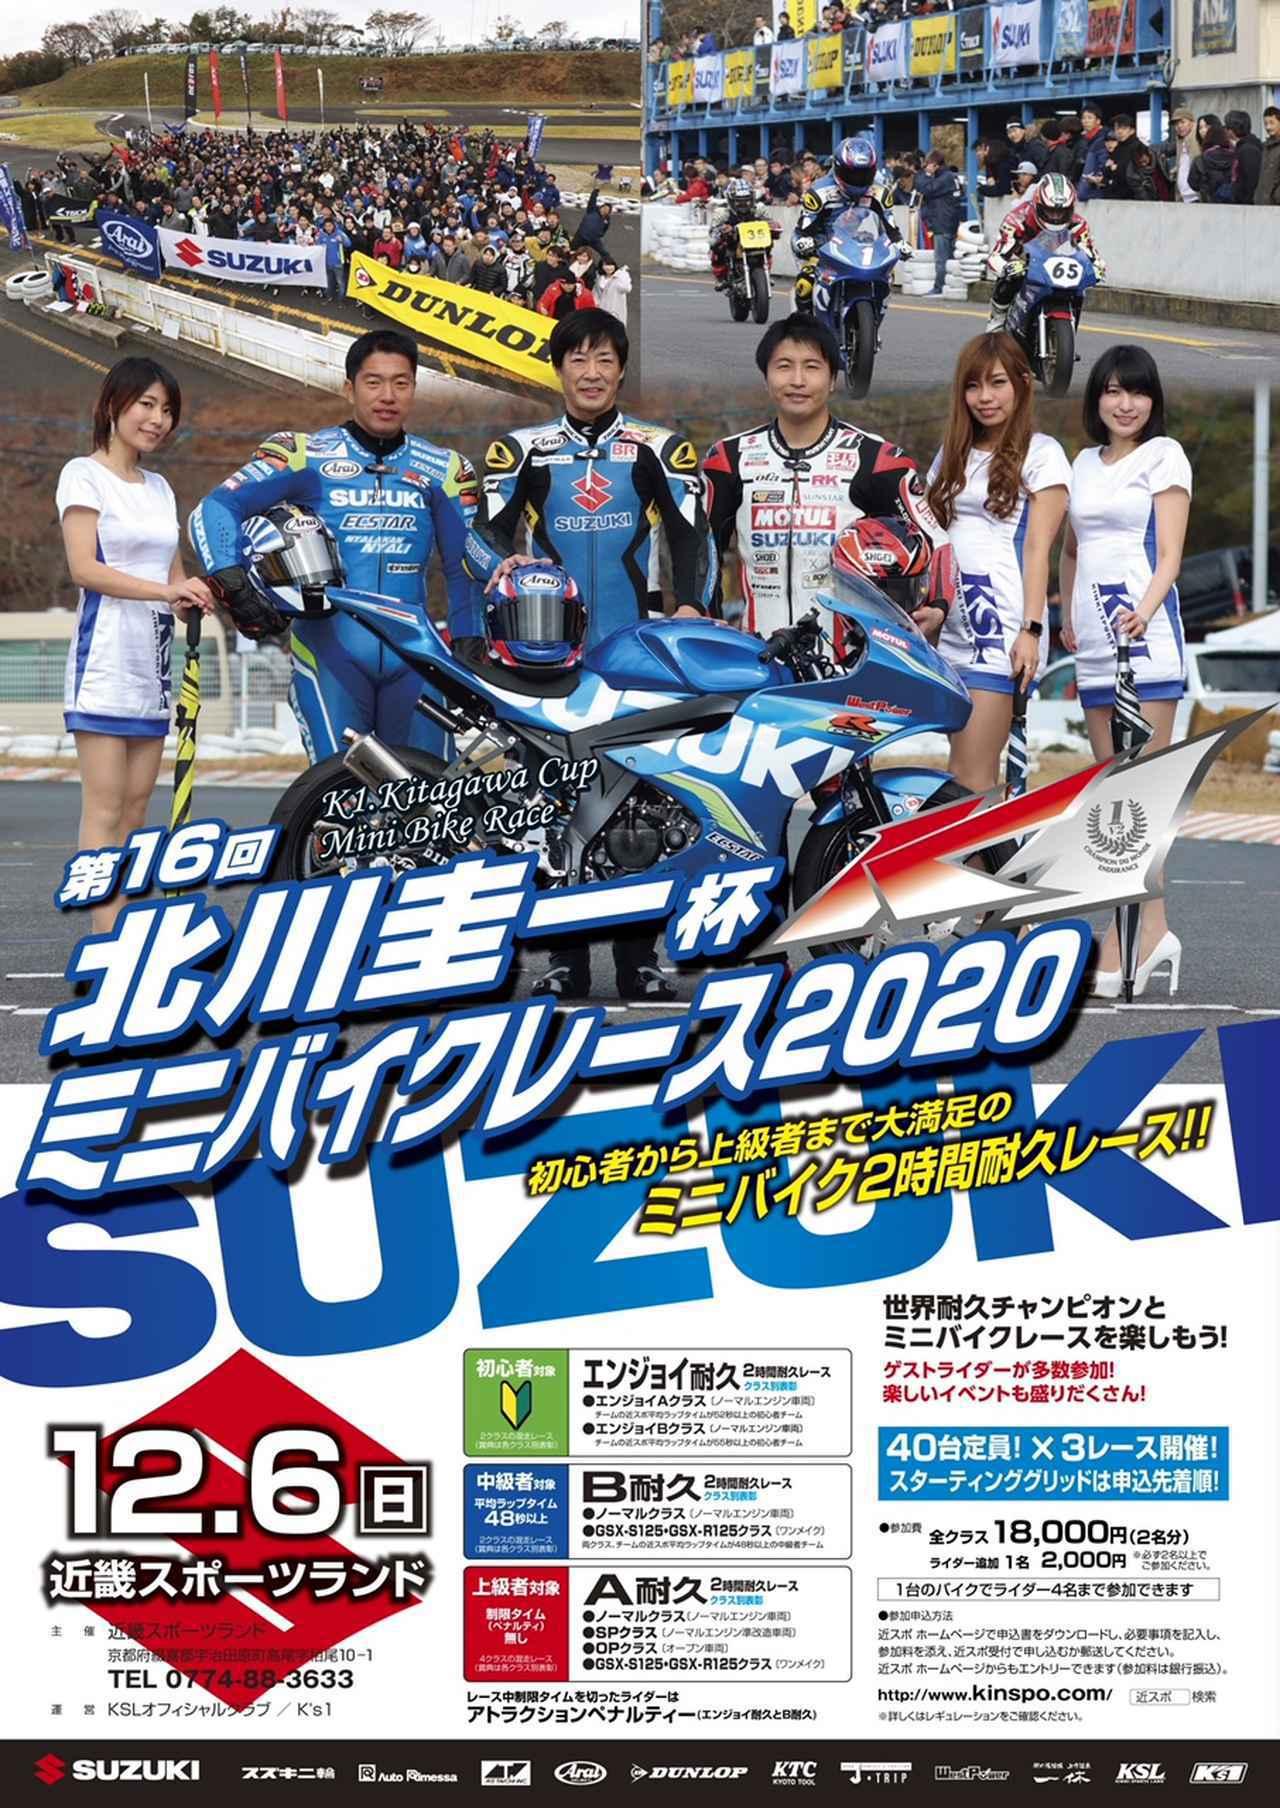 画像2: 第16回「北川圭一杯ミニバイクレース」が12月6日(日)に近畿スポーツランドで開催決定!